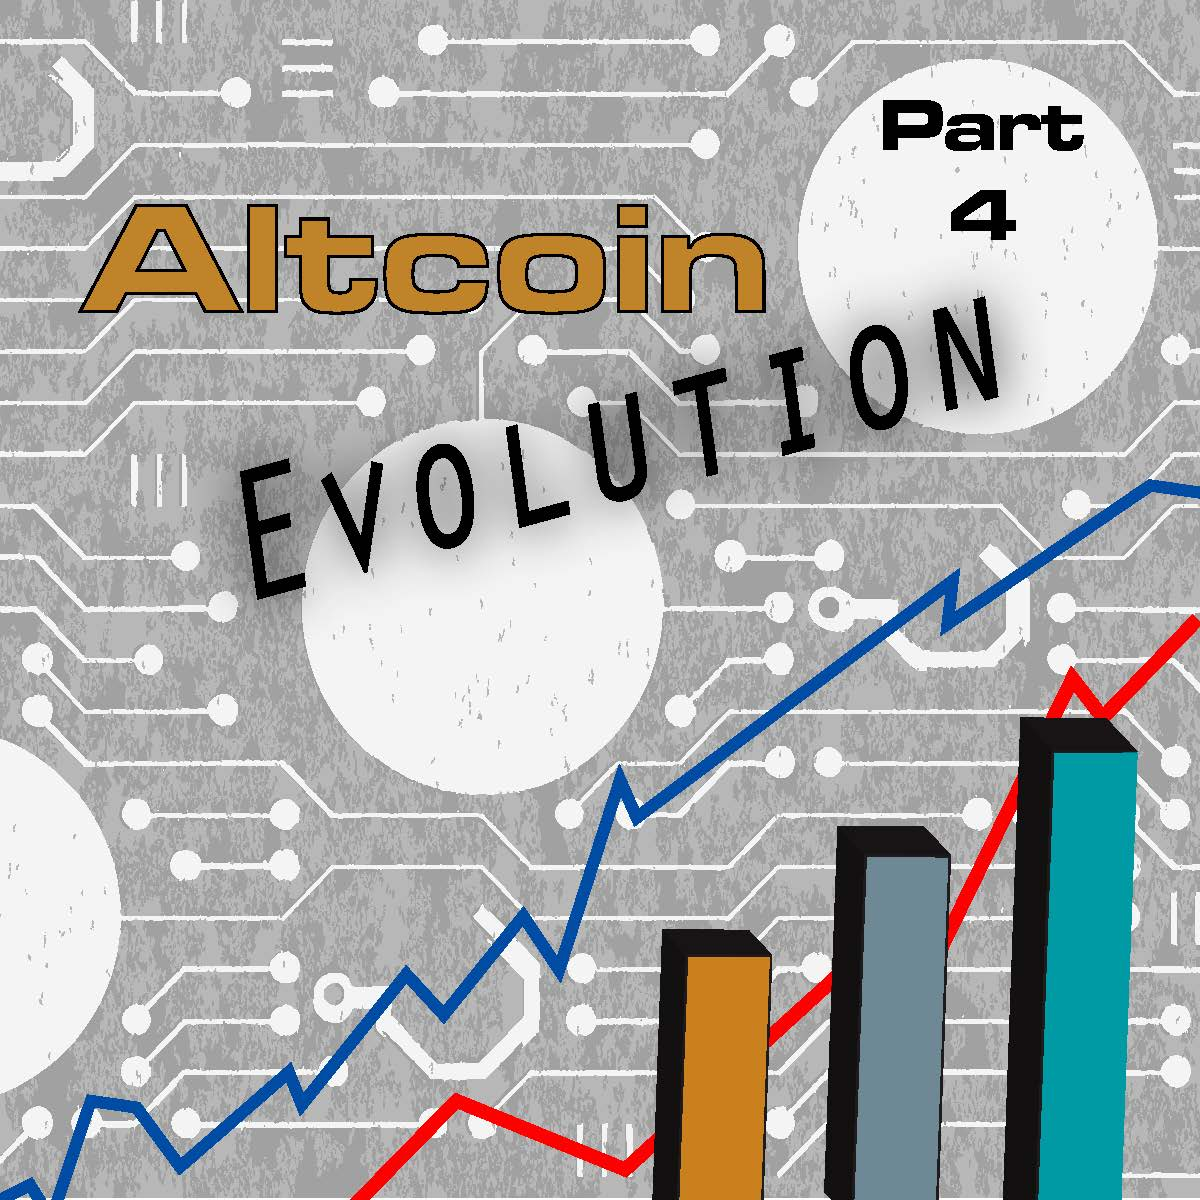 La evolución de las altcoins – Parte IV: Los desafíos